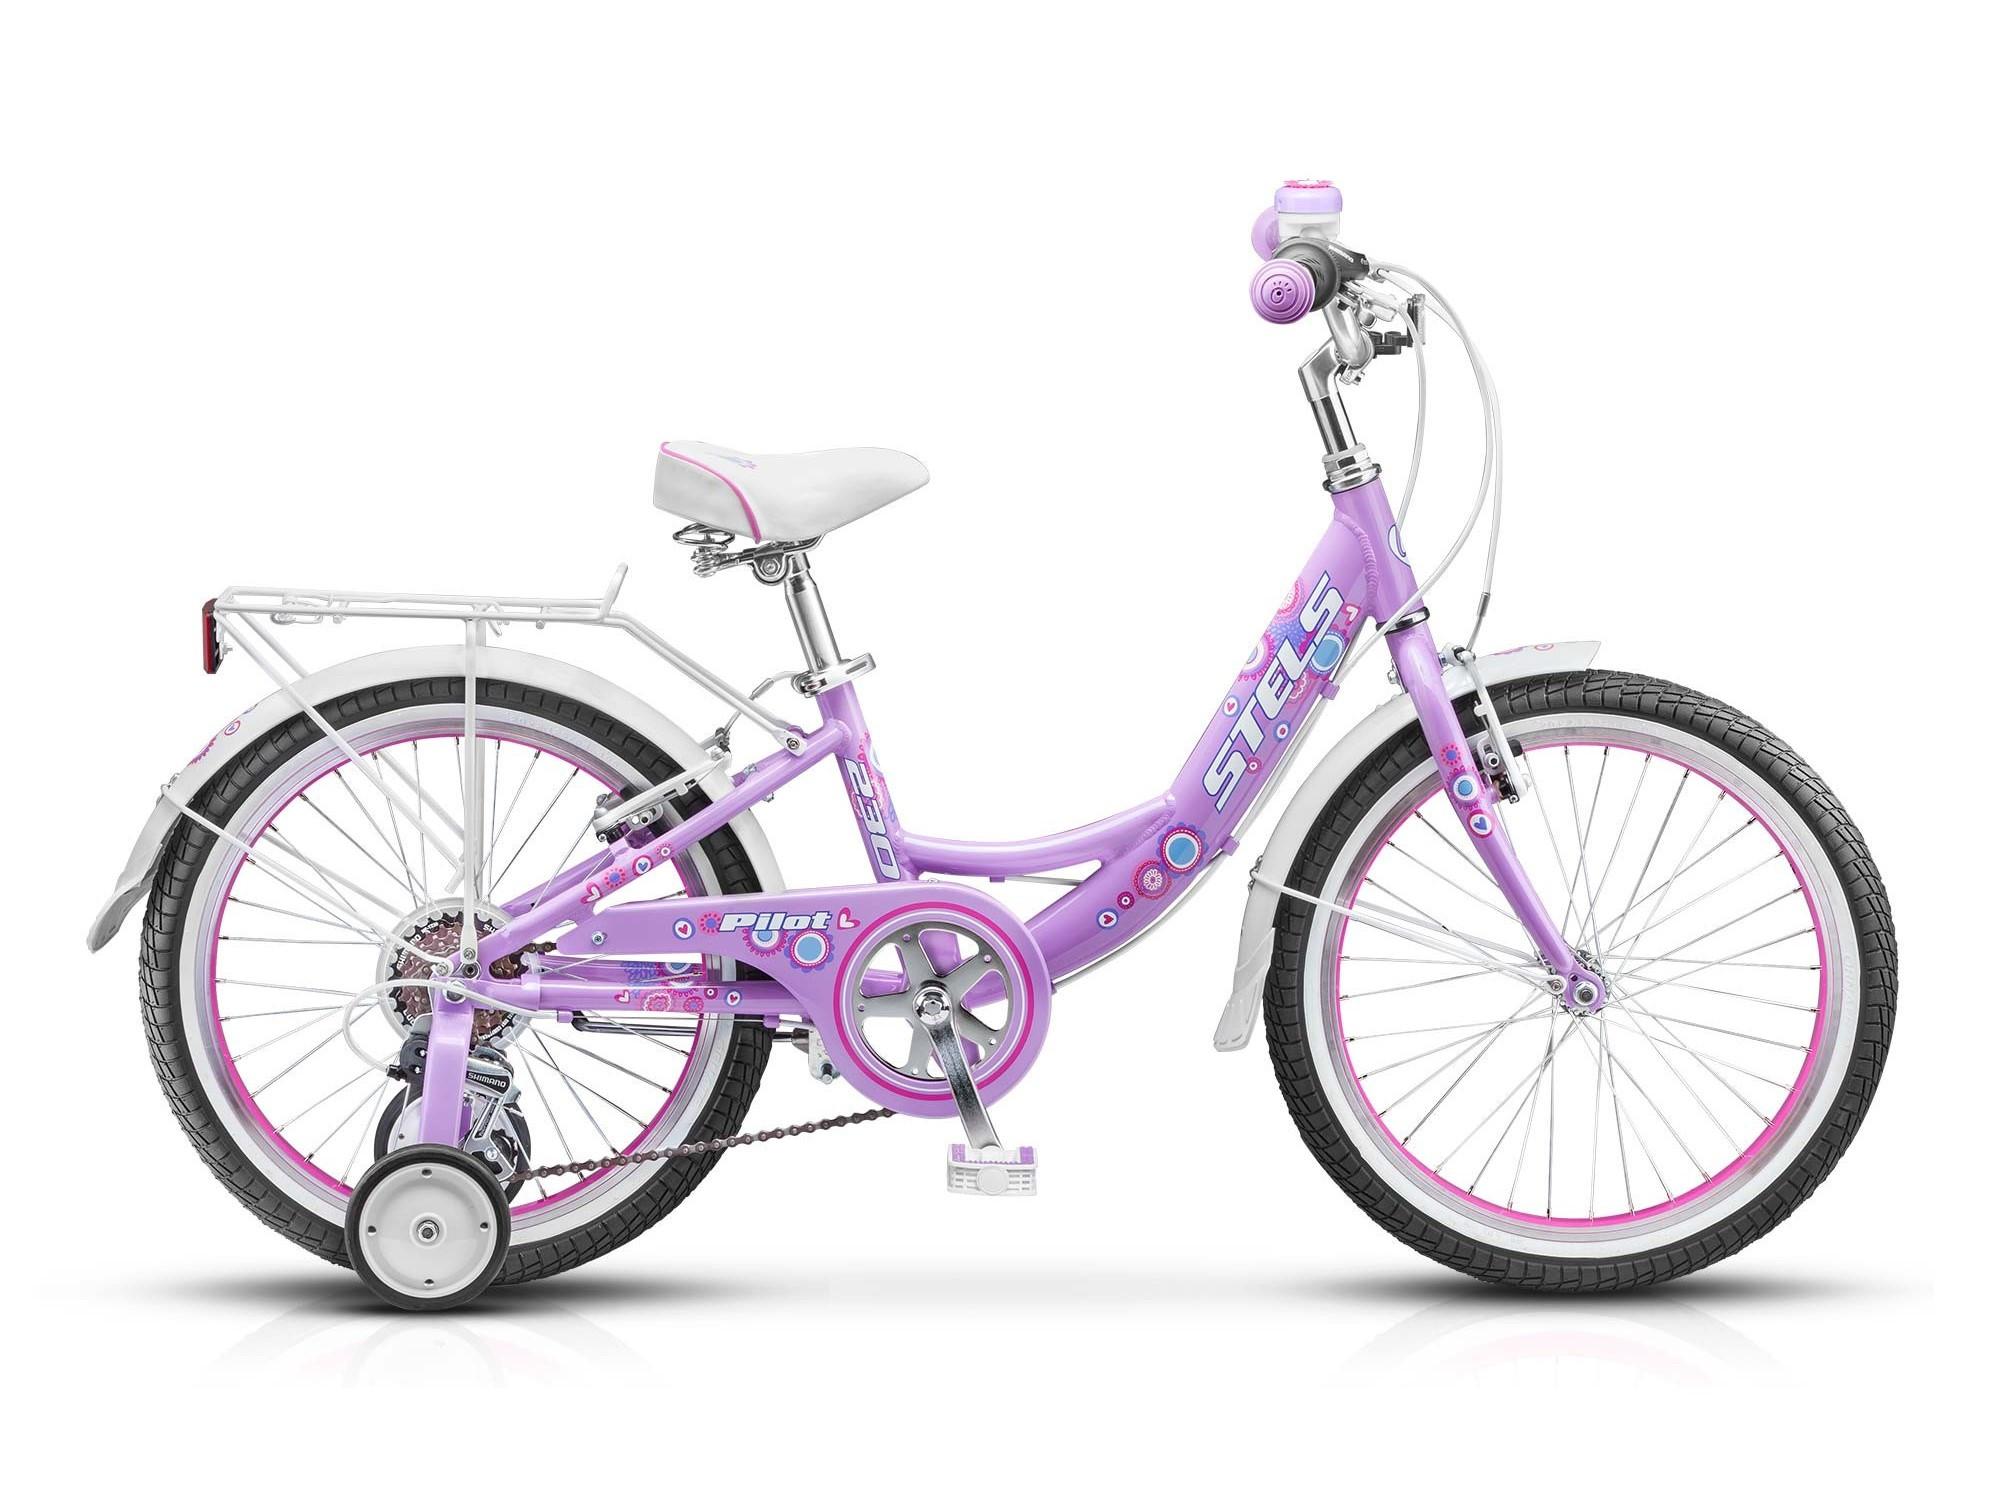 Детский велосипед Stels Pilot-230 Lady 2016 пурпурный/белый/розовый